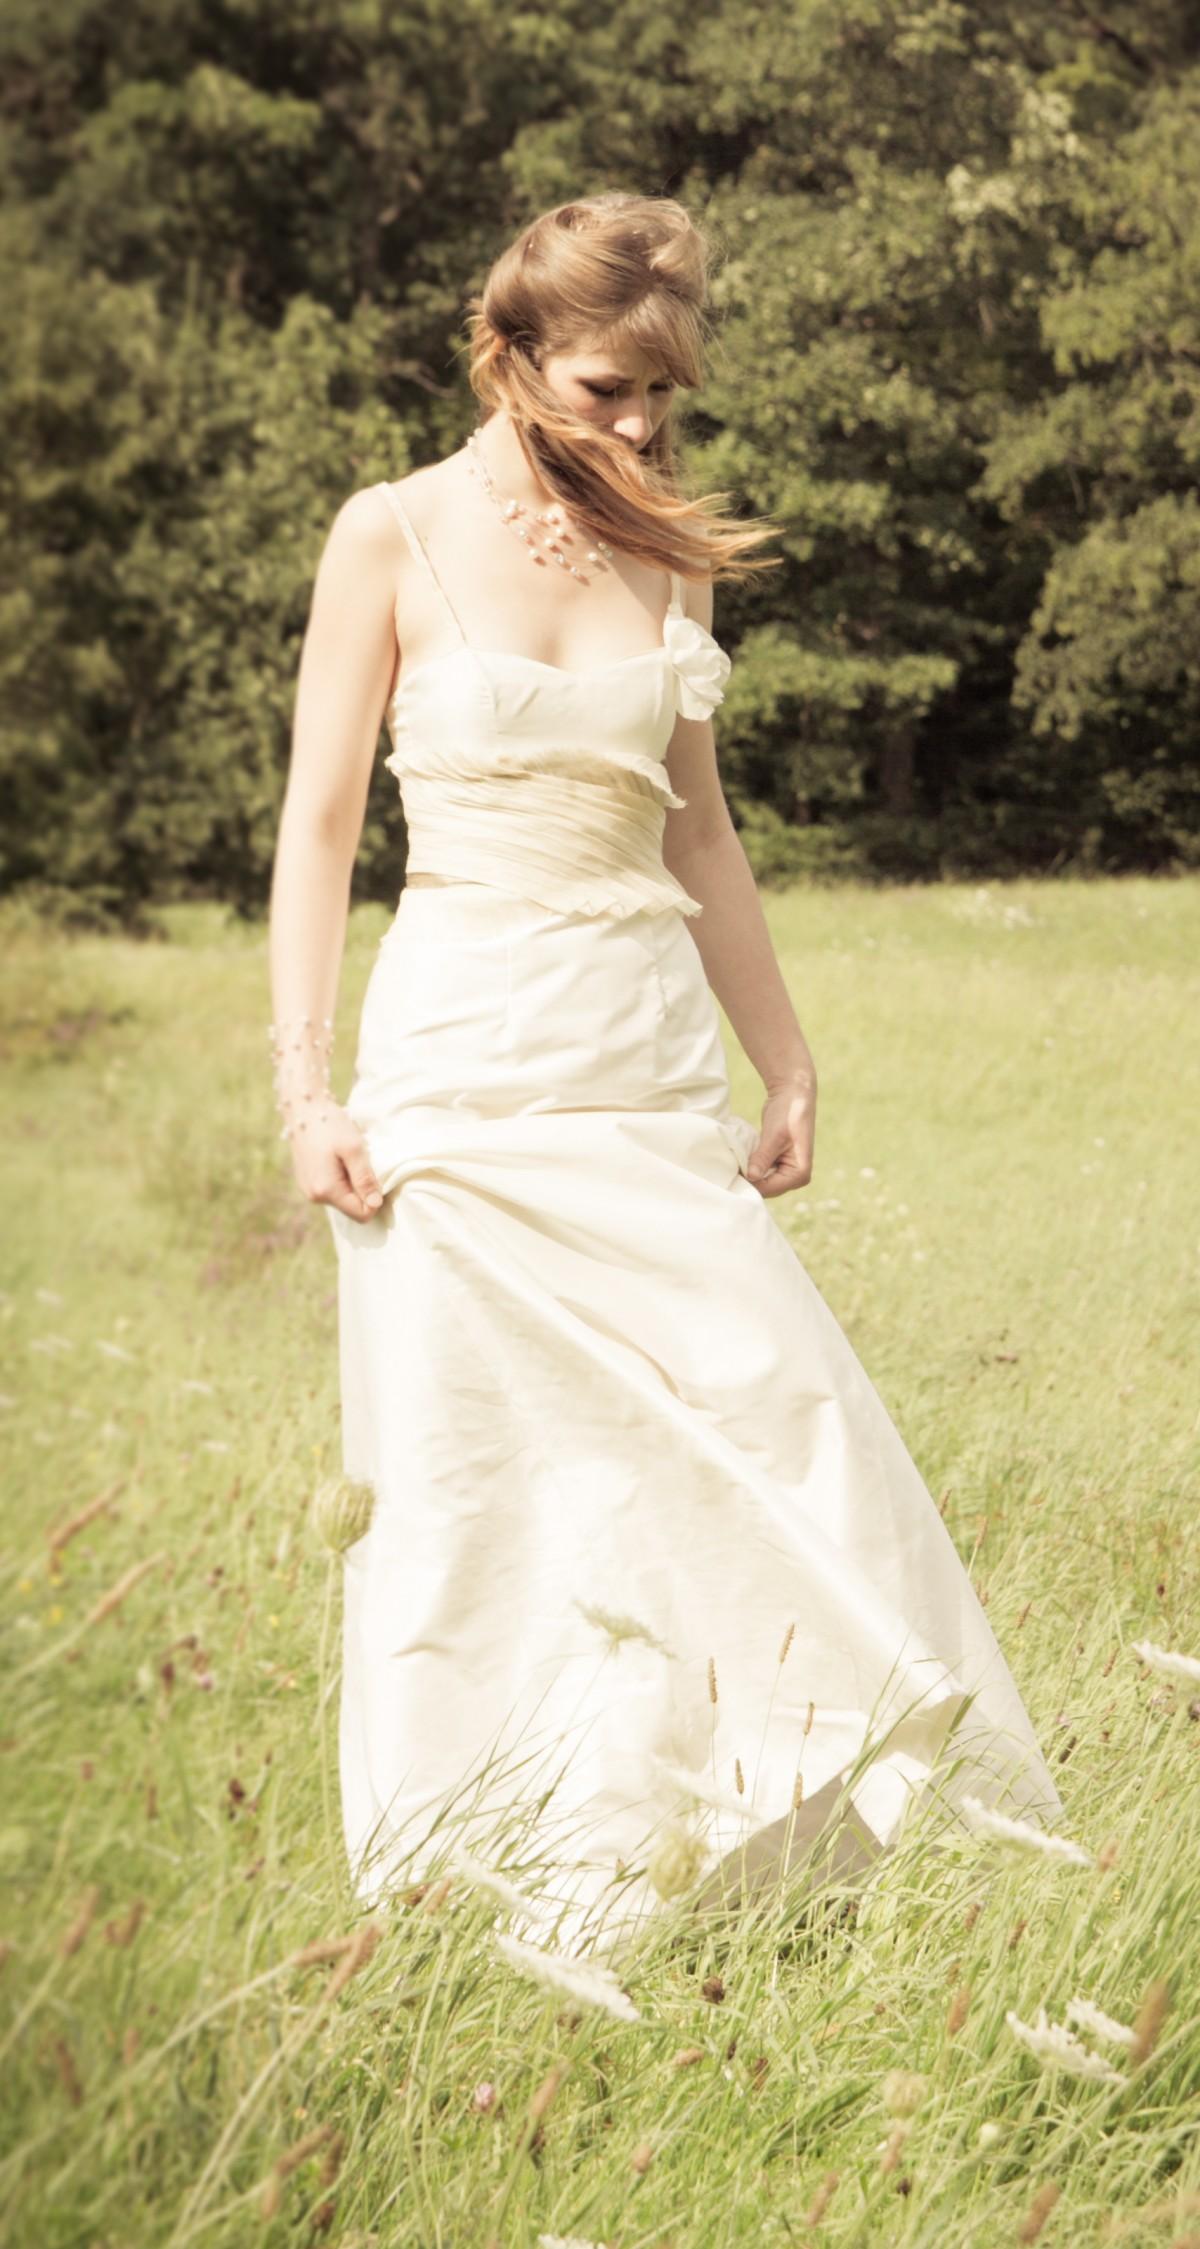 Des robes fabriquées en France, à partir de soies tissées artisanalement et de fibres naturelles: les créations de Caroline Lindenlaub sont composées de soies naturelles, de fibres d'ananas pour «des robes de mariée écolo-éthiques», dixit la créatrice. En voici un bel exemple avec cette robe LALWENDË, une robe de mariée en taffetas de soie à taille drapée en fibres d\'ananas. 1750€, www.declencheuse-de-reve.com.  Photo DR